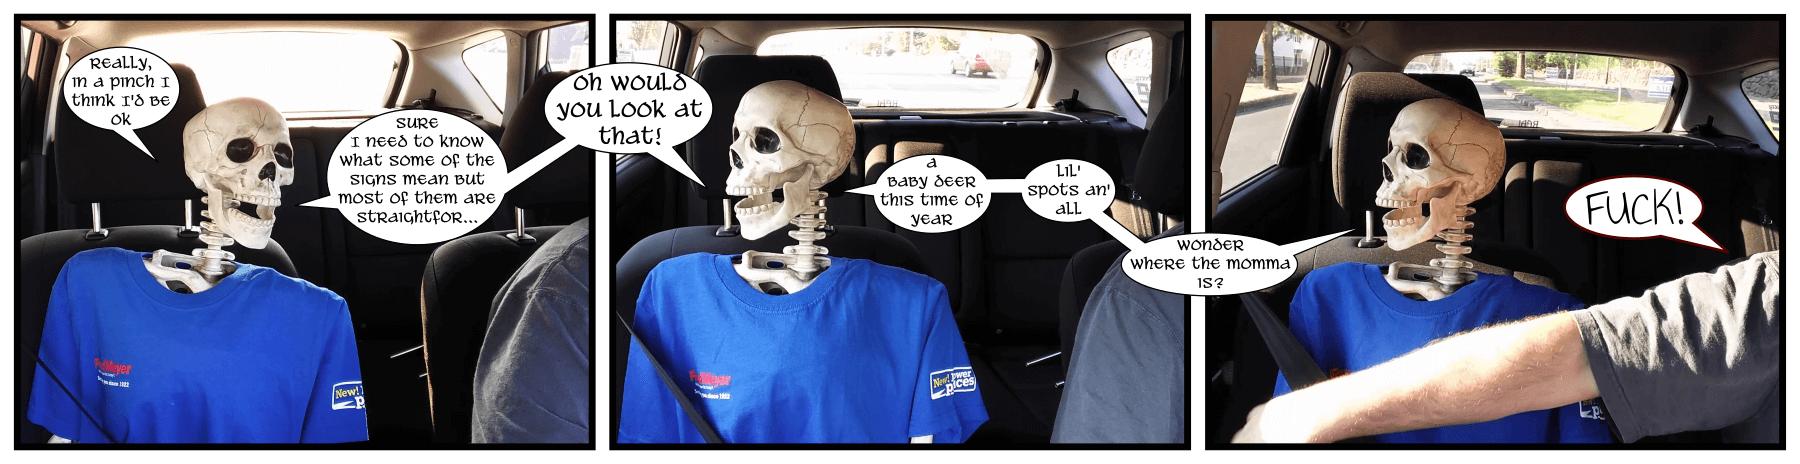 Magic seat belt arm power activate!